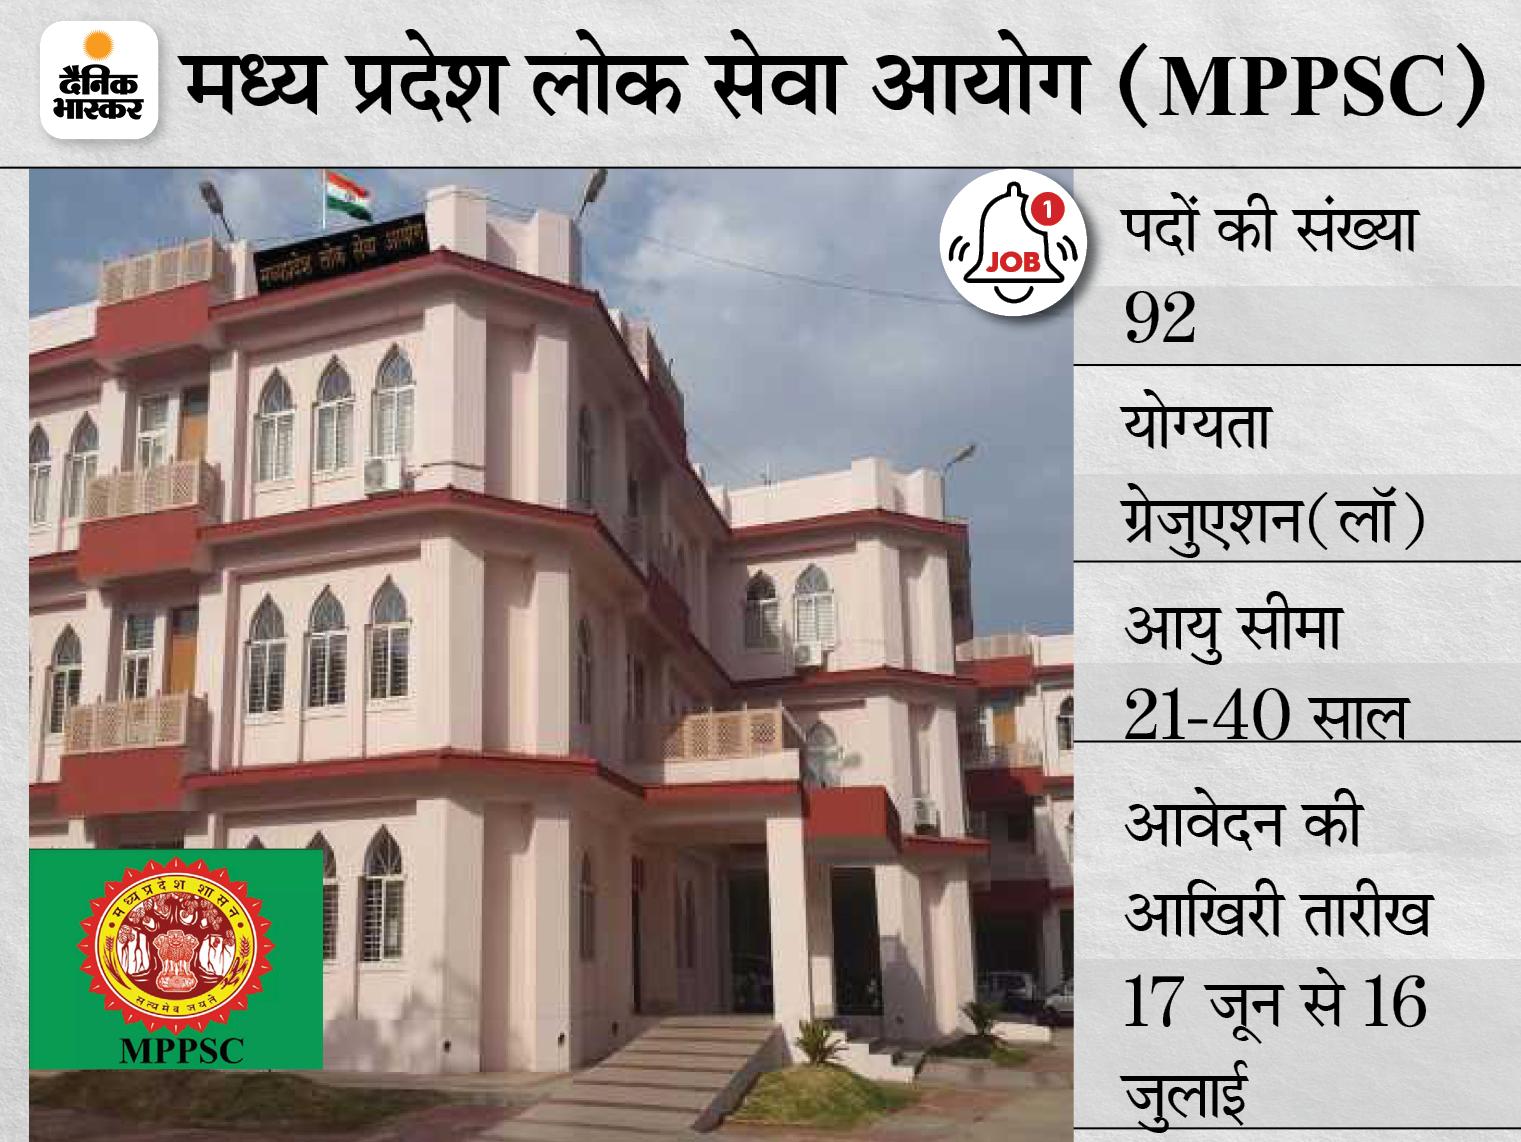 MPPSC ने सहायक जिला अभियोजन अधिकारी के पदों पर भर्ती के लिए मांगे आवेदन, 17 जून से शुरू होगी एप्लीकेशन प्रोसेस|करिअर,Career - Dainik Bhaskar